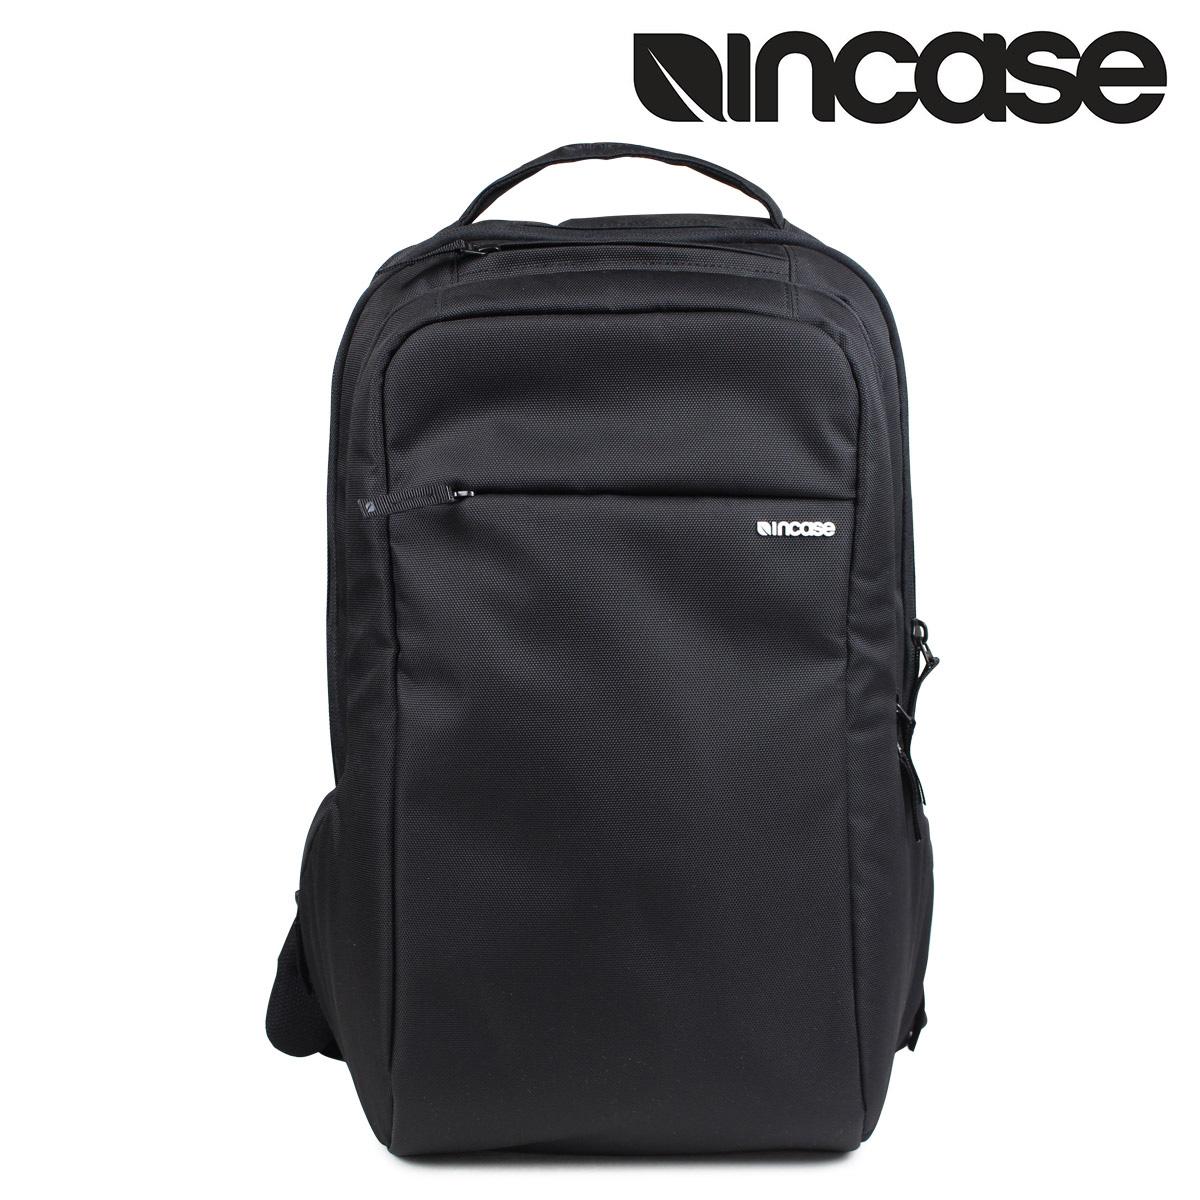 インケース INCASE リュック バックパック CL55532 ICON BACKPACK NYLON メンズ ブラック 黒 [4/10 再入荷]